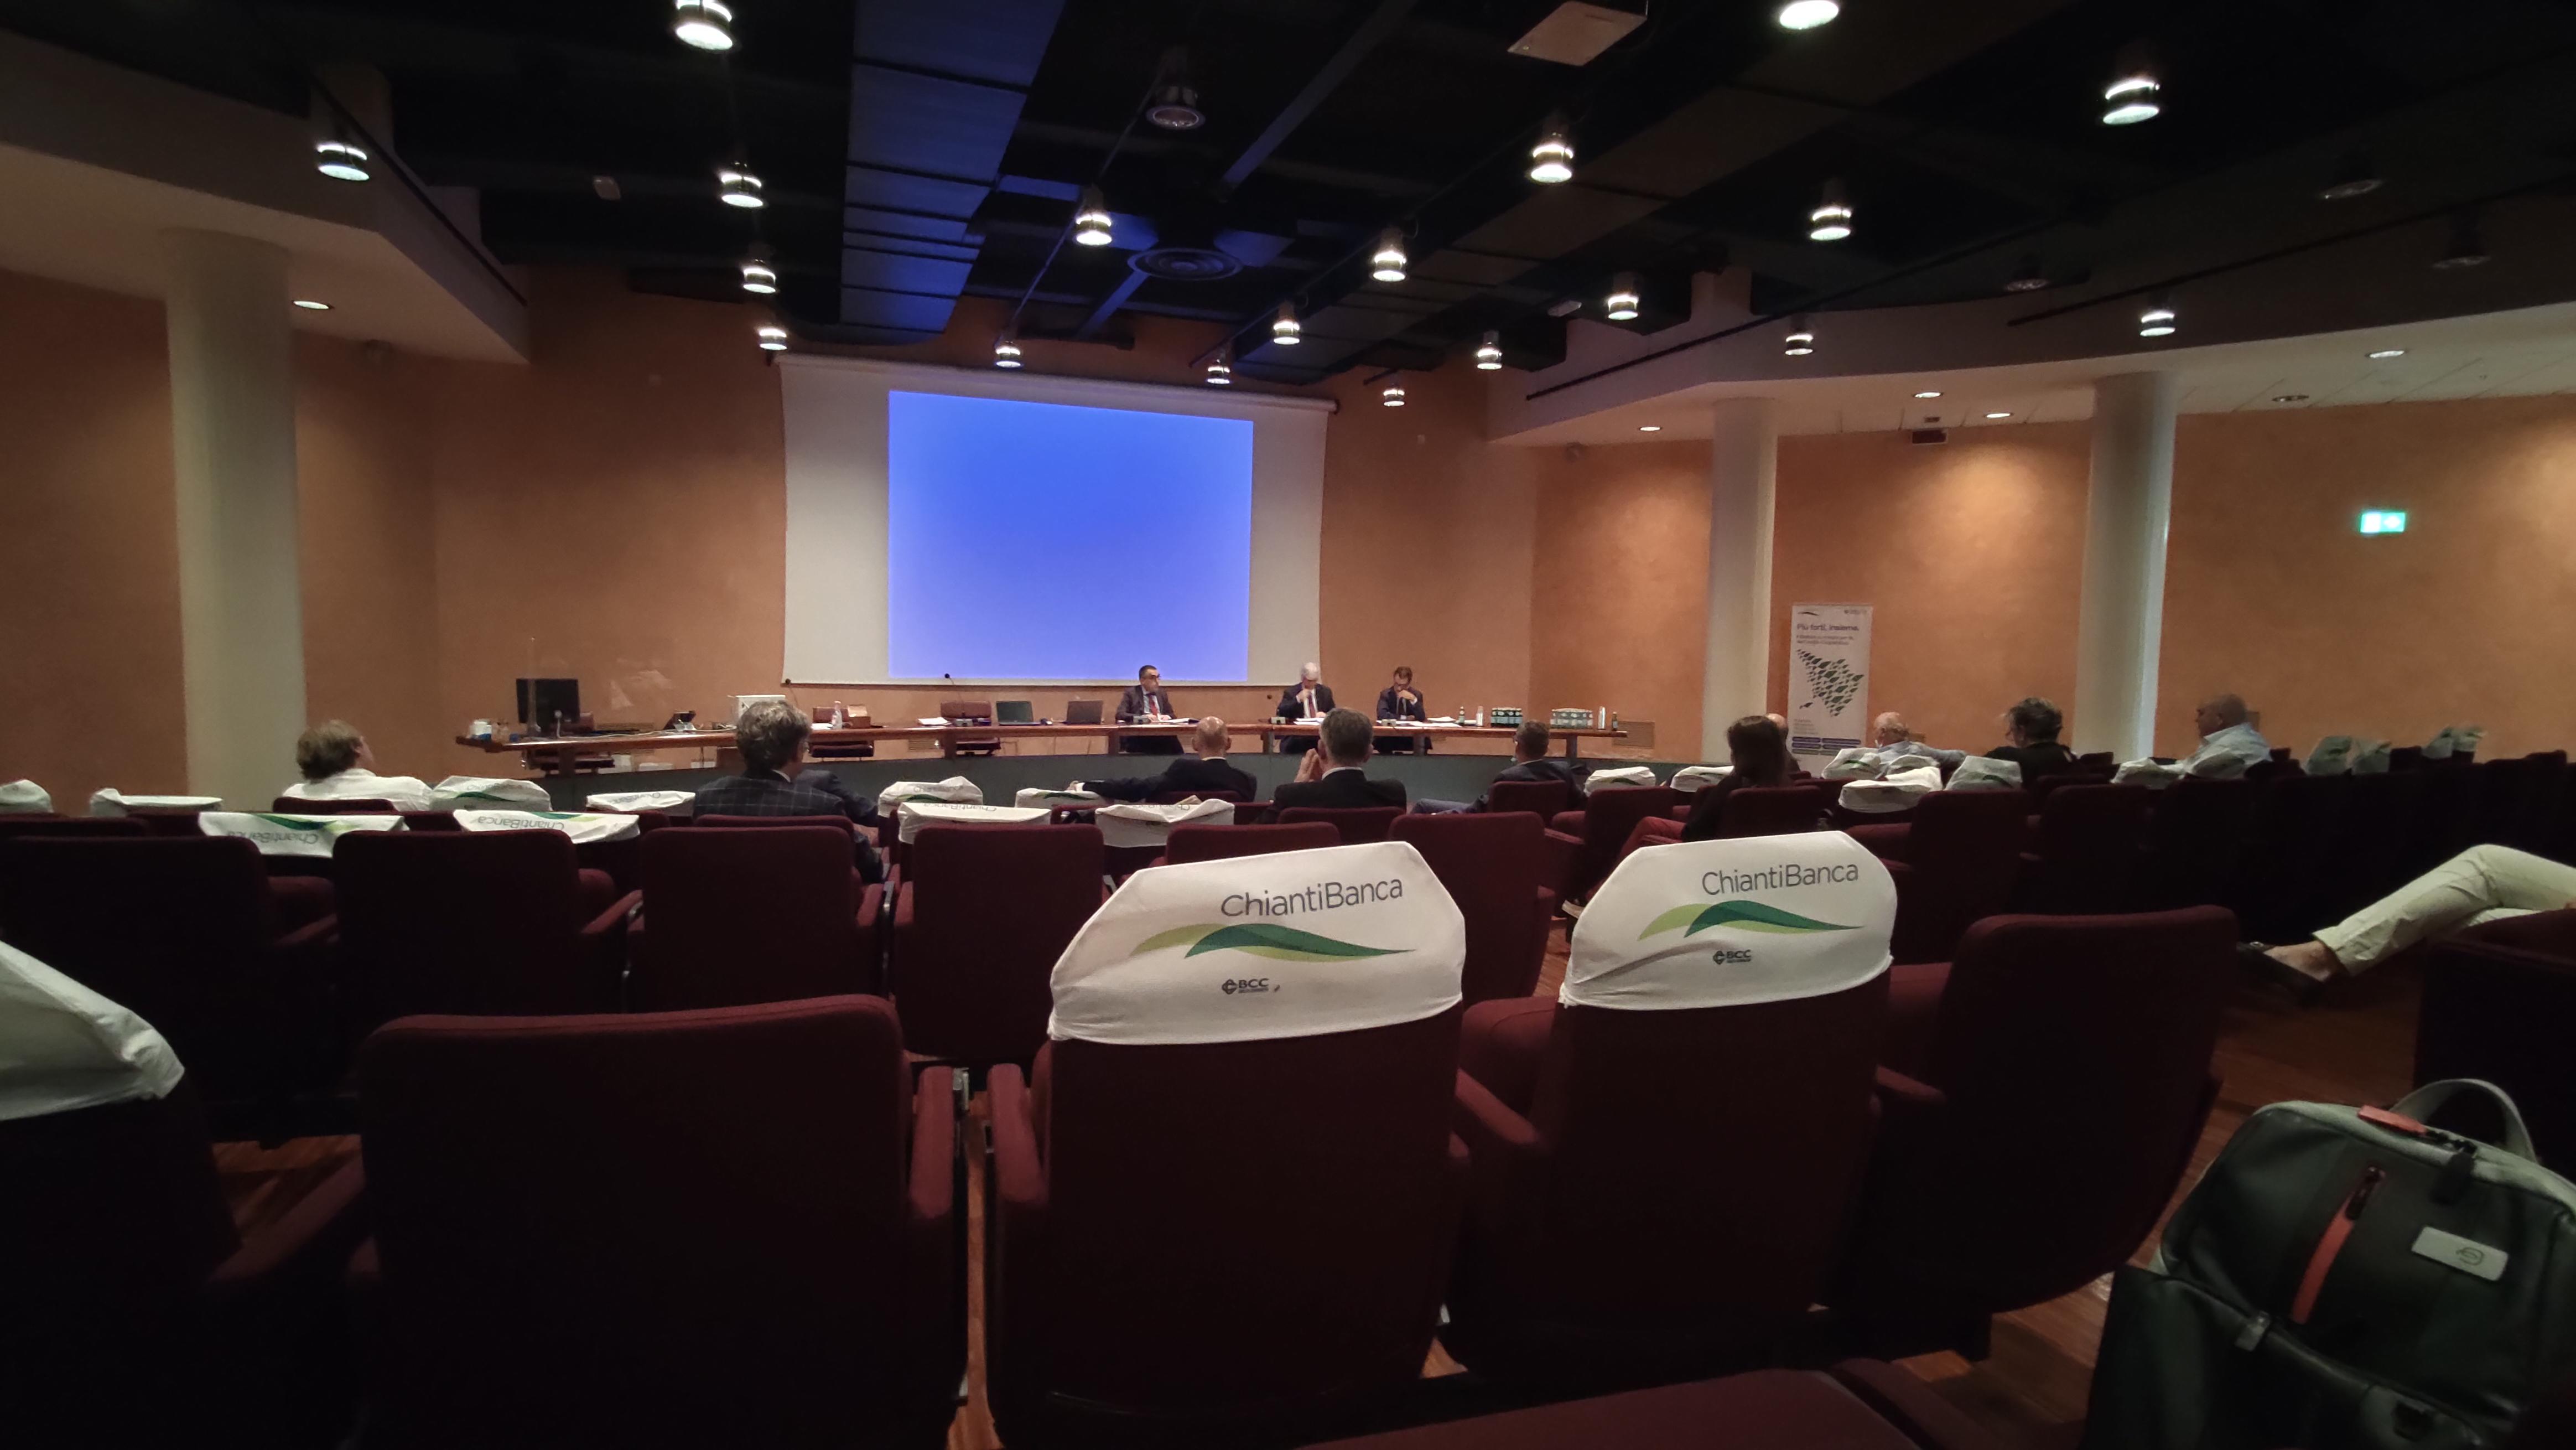 Assemblea 2020: grande partecipazione dei soci. Bilancio 2019 approvato